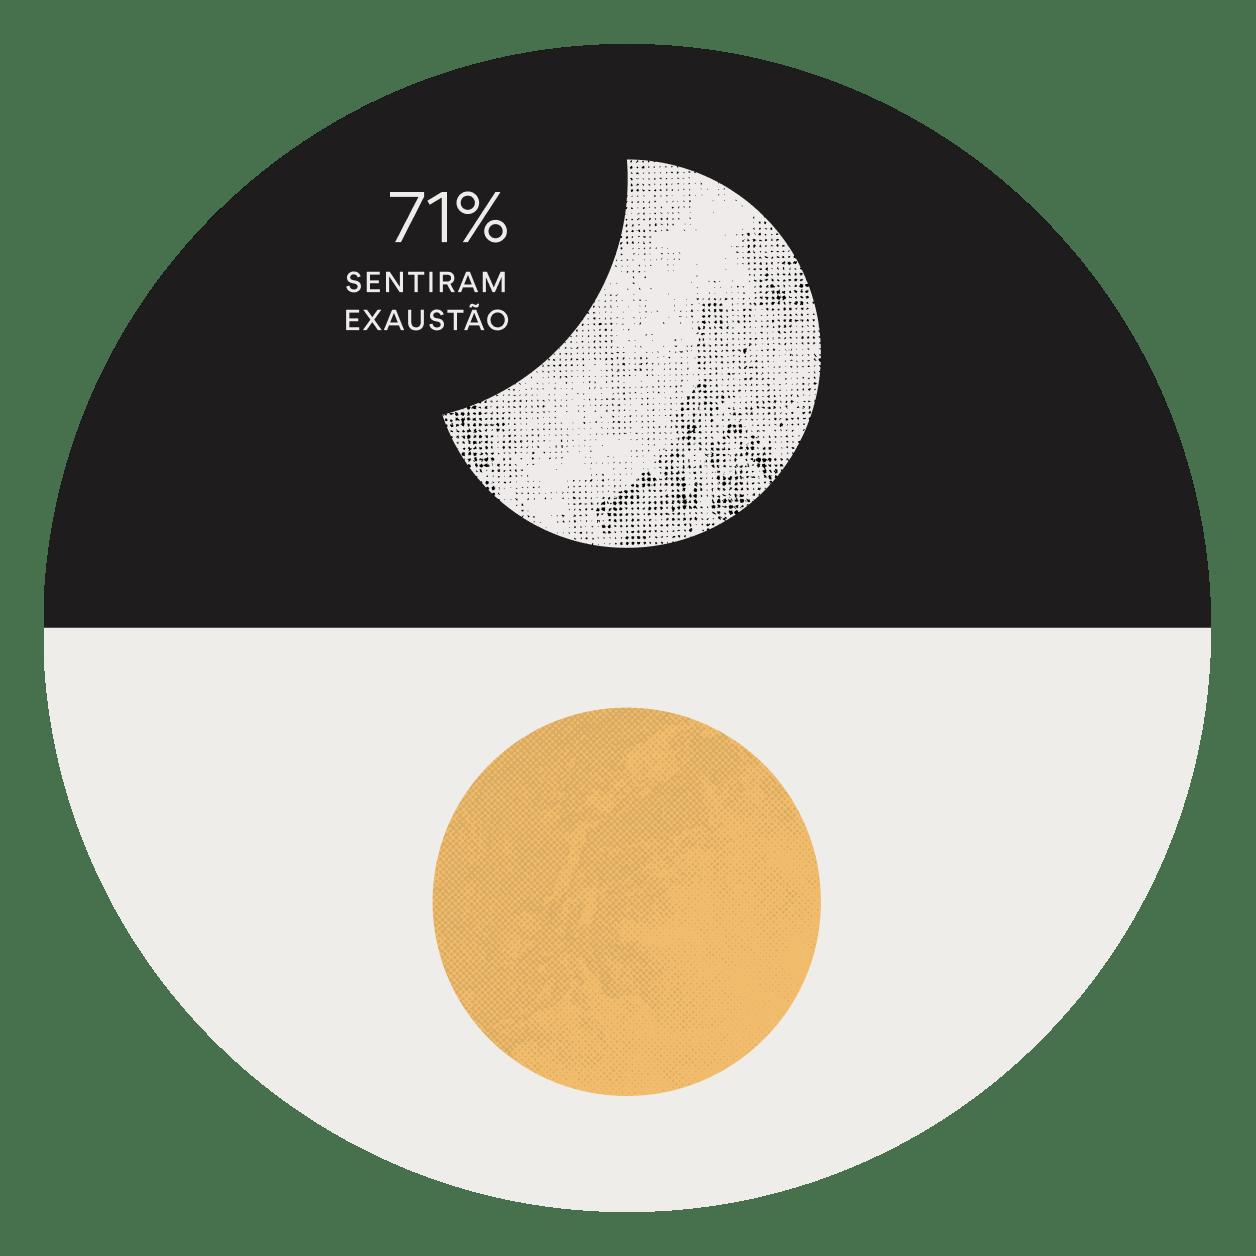 Anatomia do trabalho 2021 — A ascensão do gerenciamento do trabalho